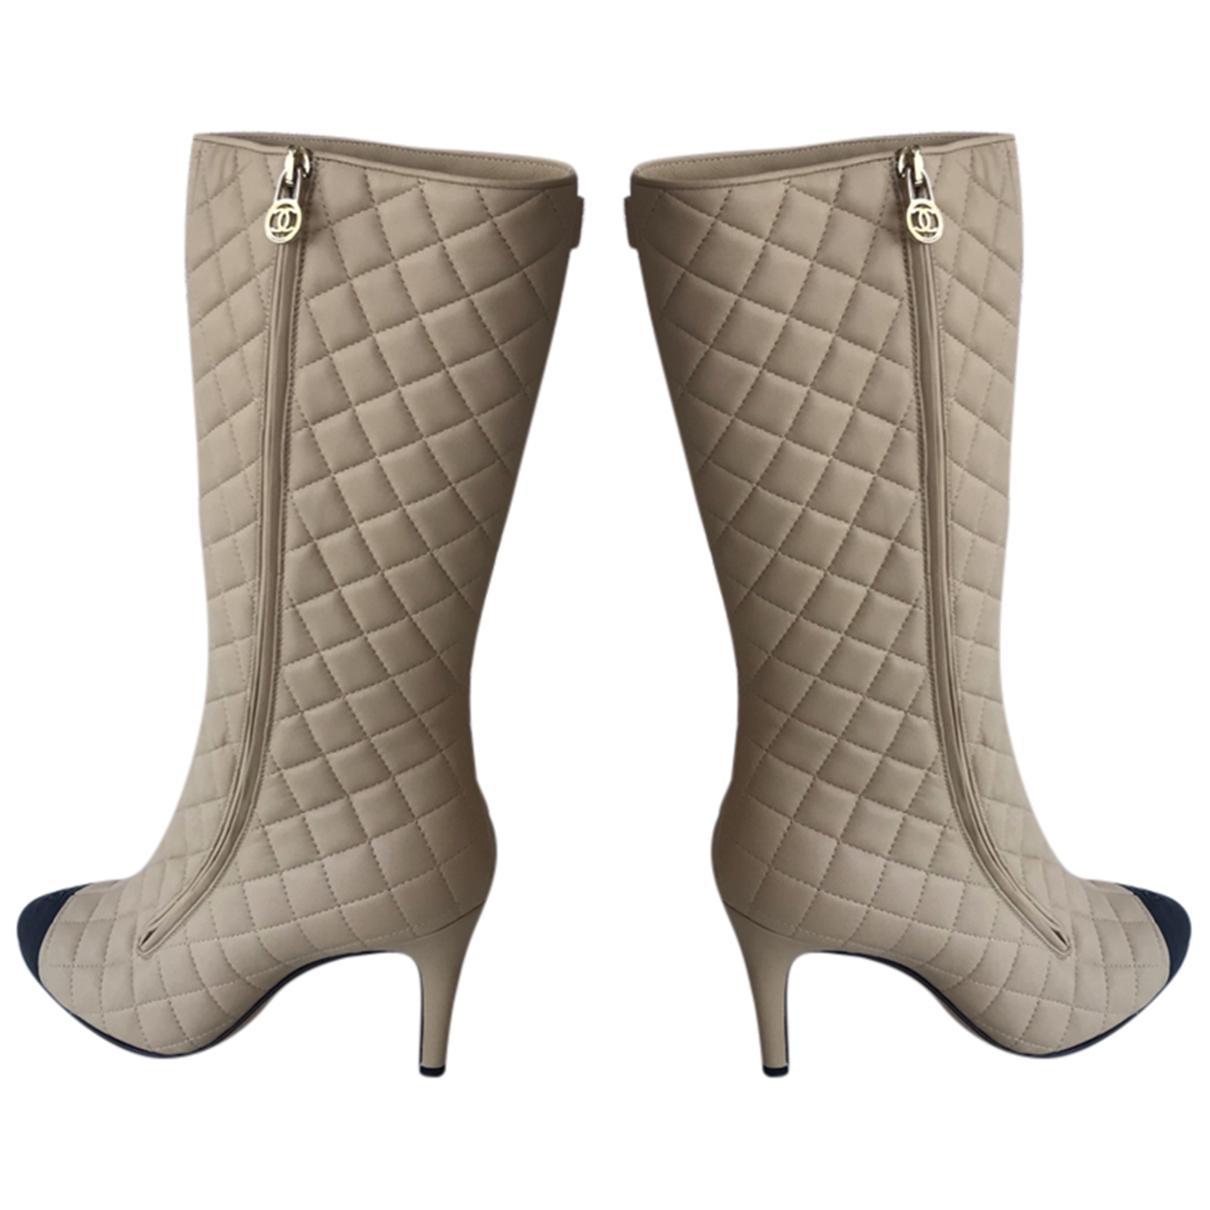 Chanel - Bottes   pour femme en cuir - beige